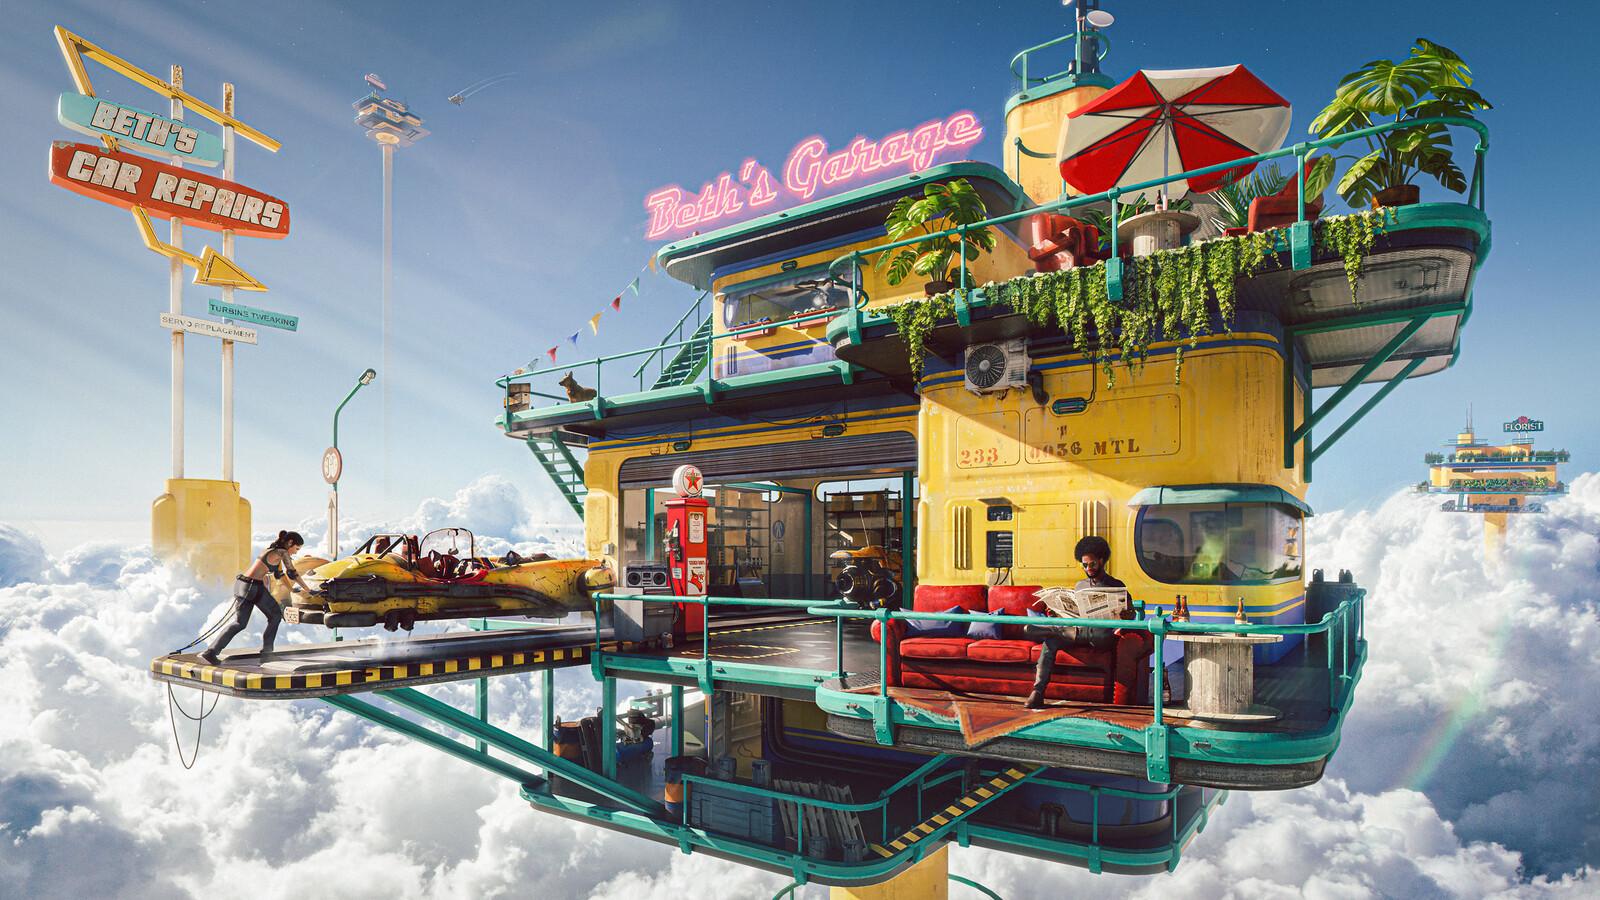 Beth's Sky Garage